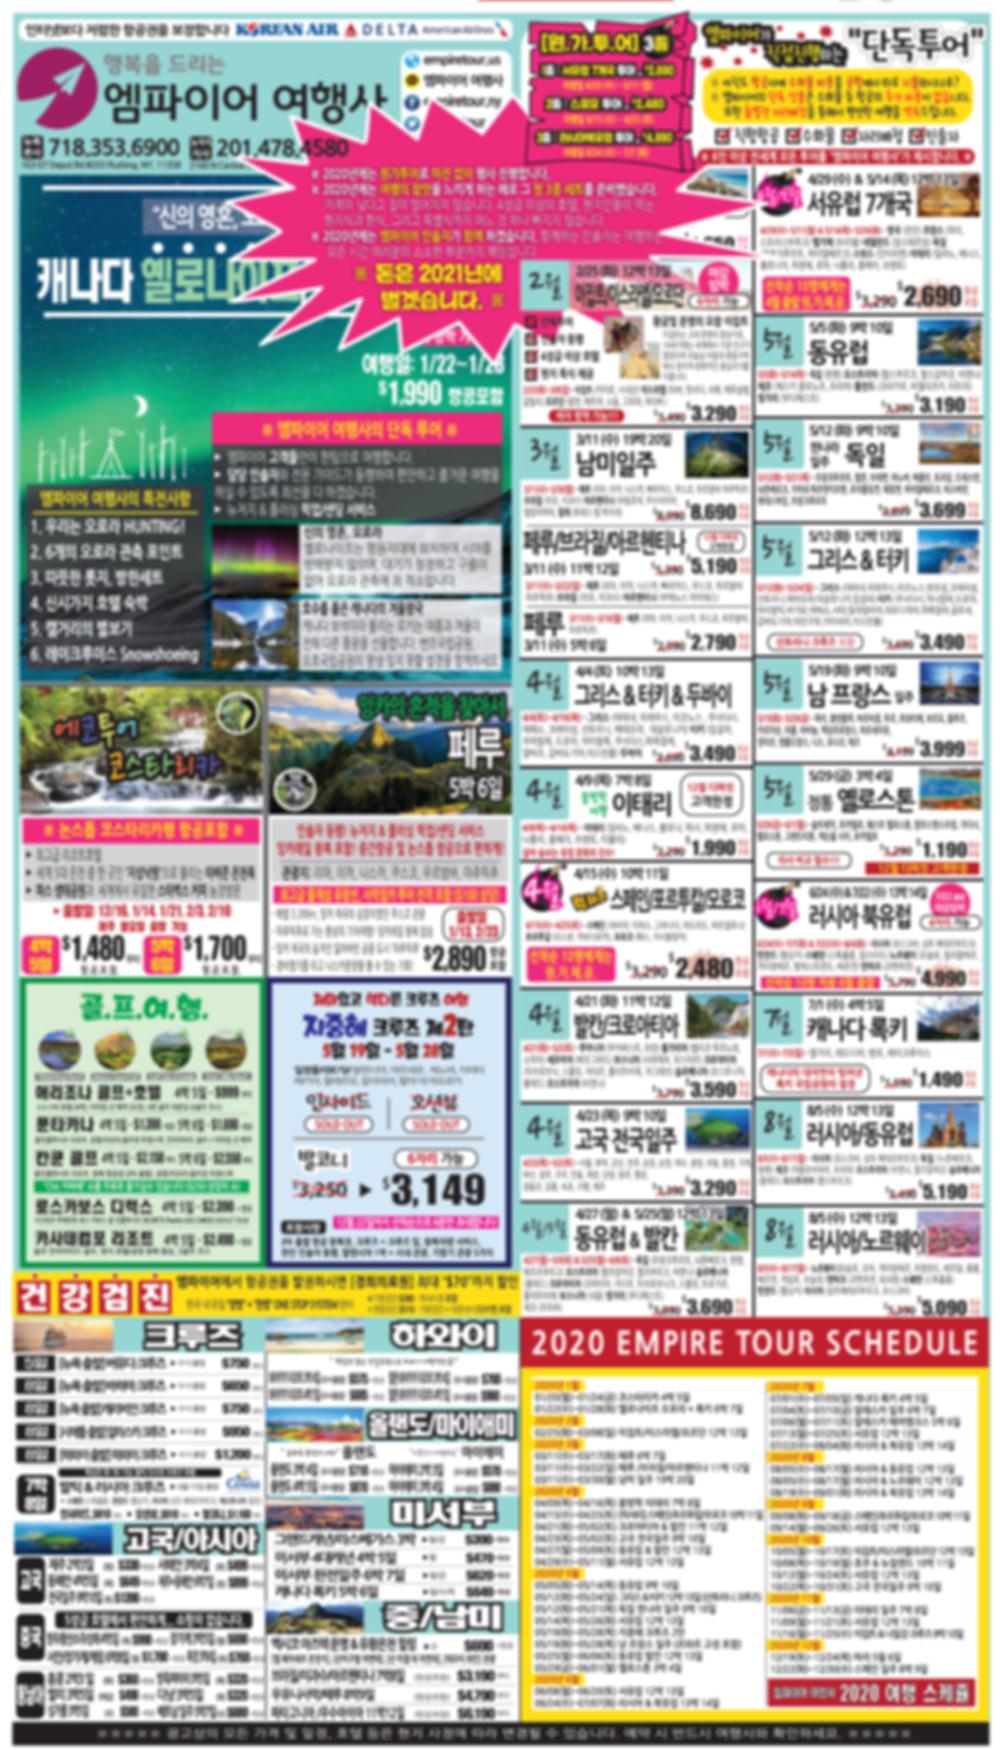 2019-12-10 신문광고 (전면)_엠_REDESIGNED_v7.jpg